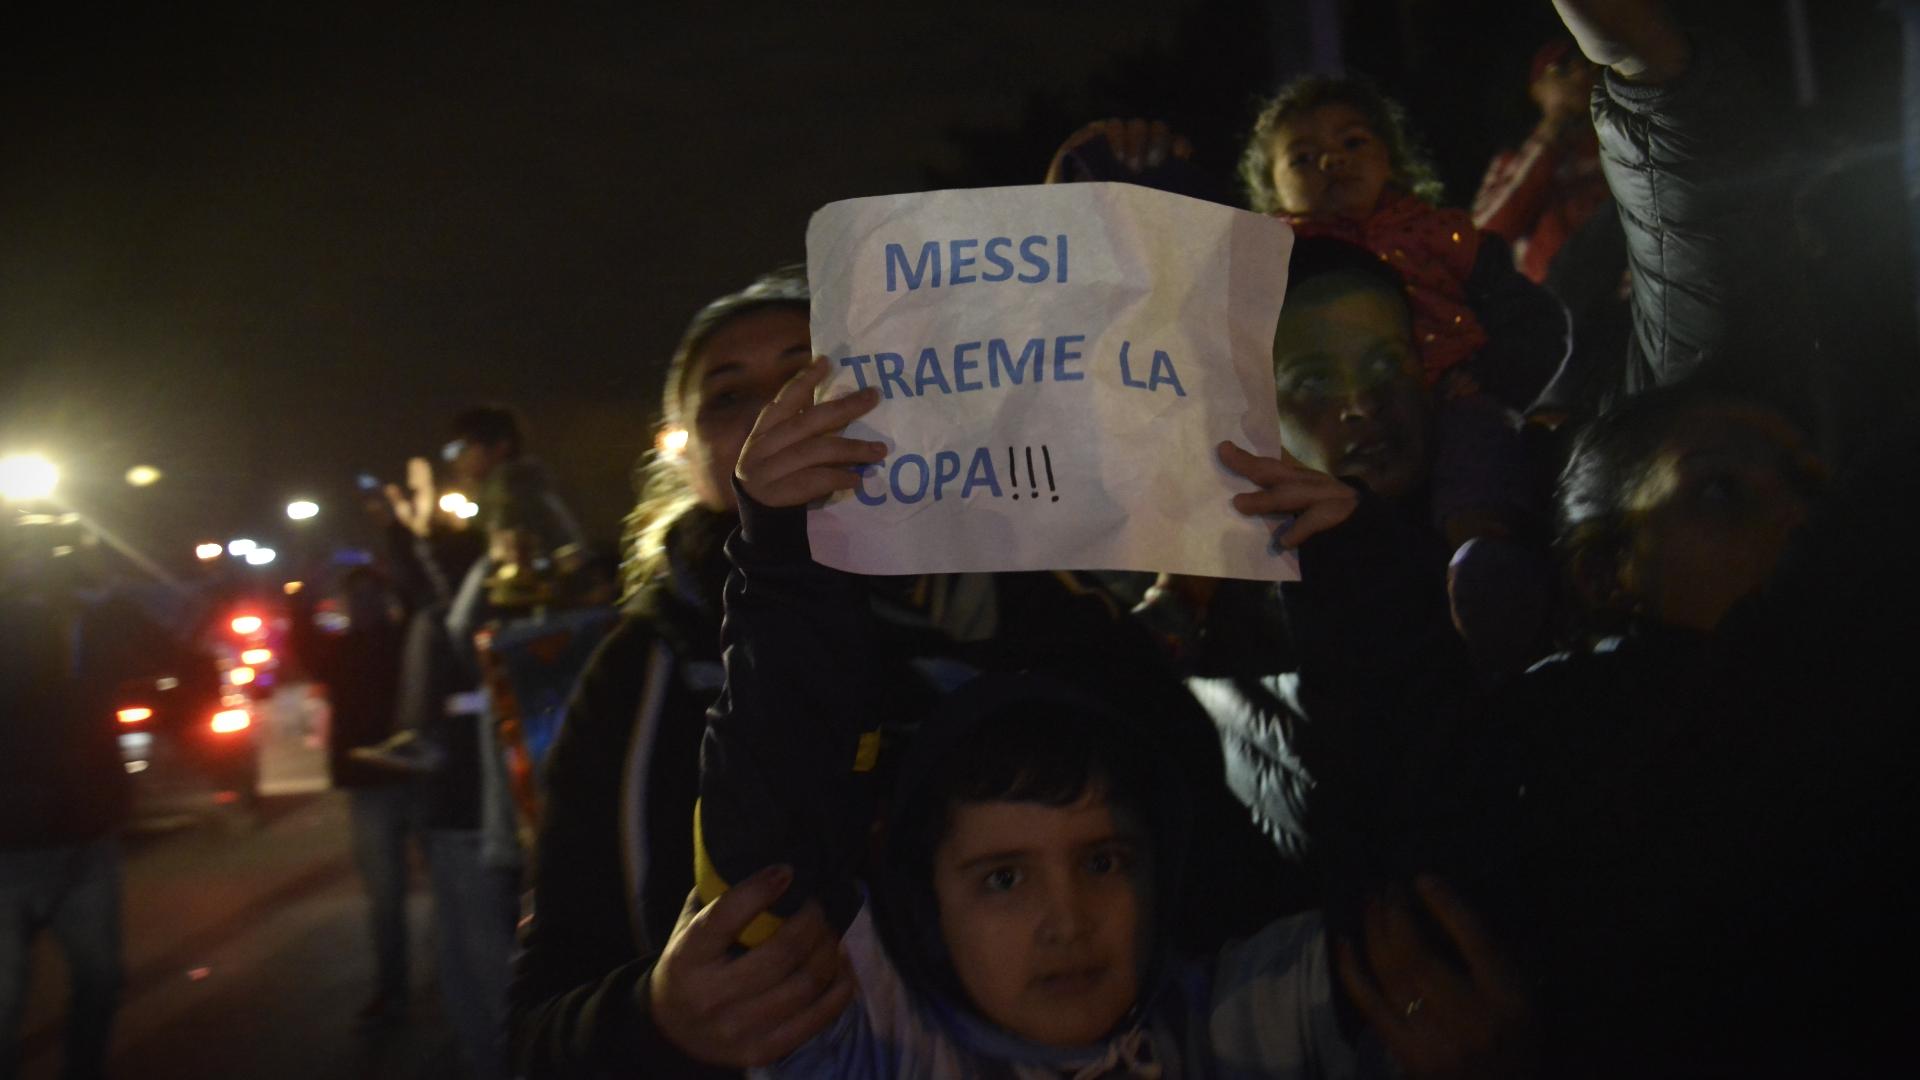 Muchos niños se acercaron para ver a su ídolo: Lionel Messi. El pedido, más que claro.